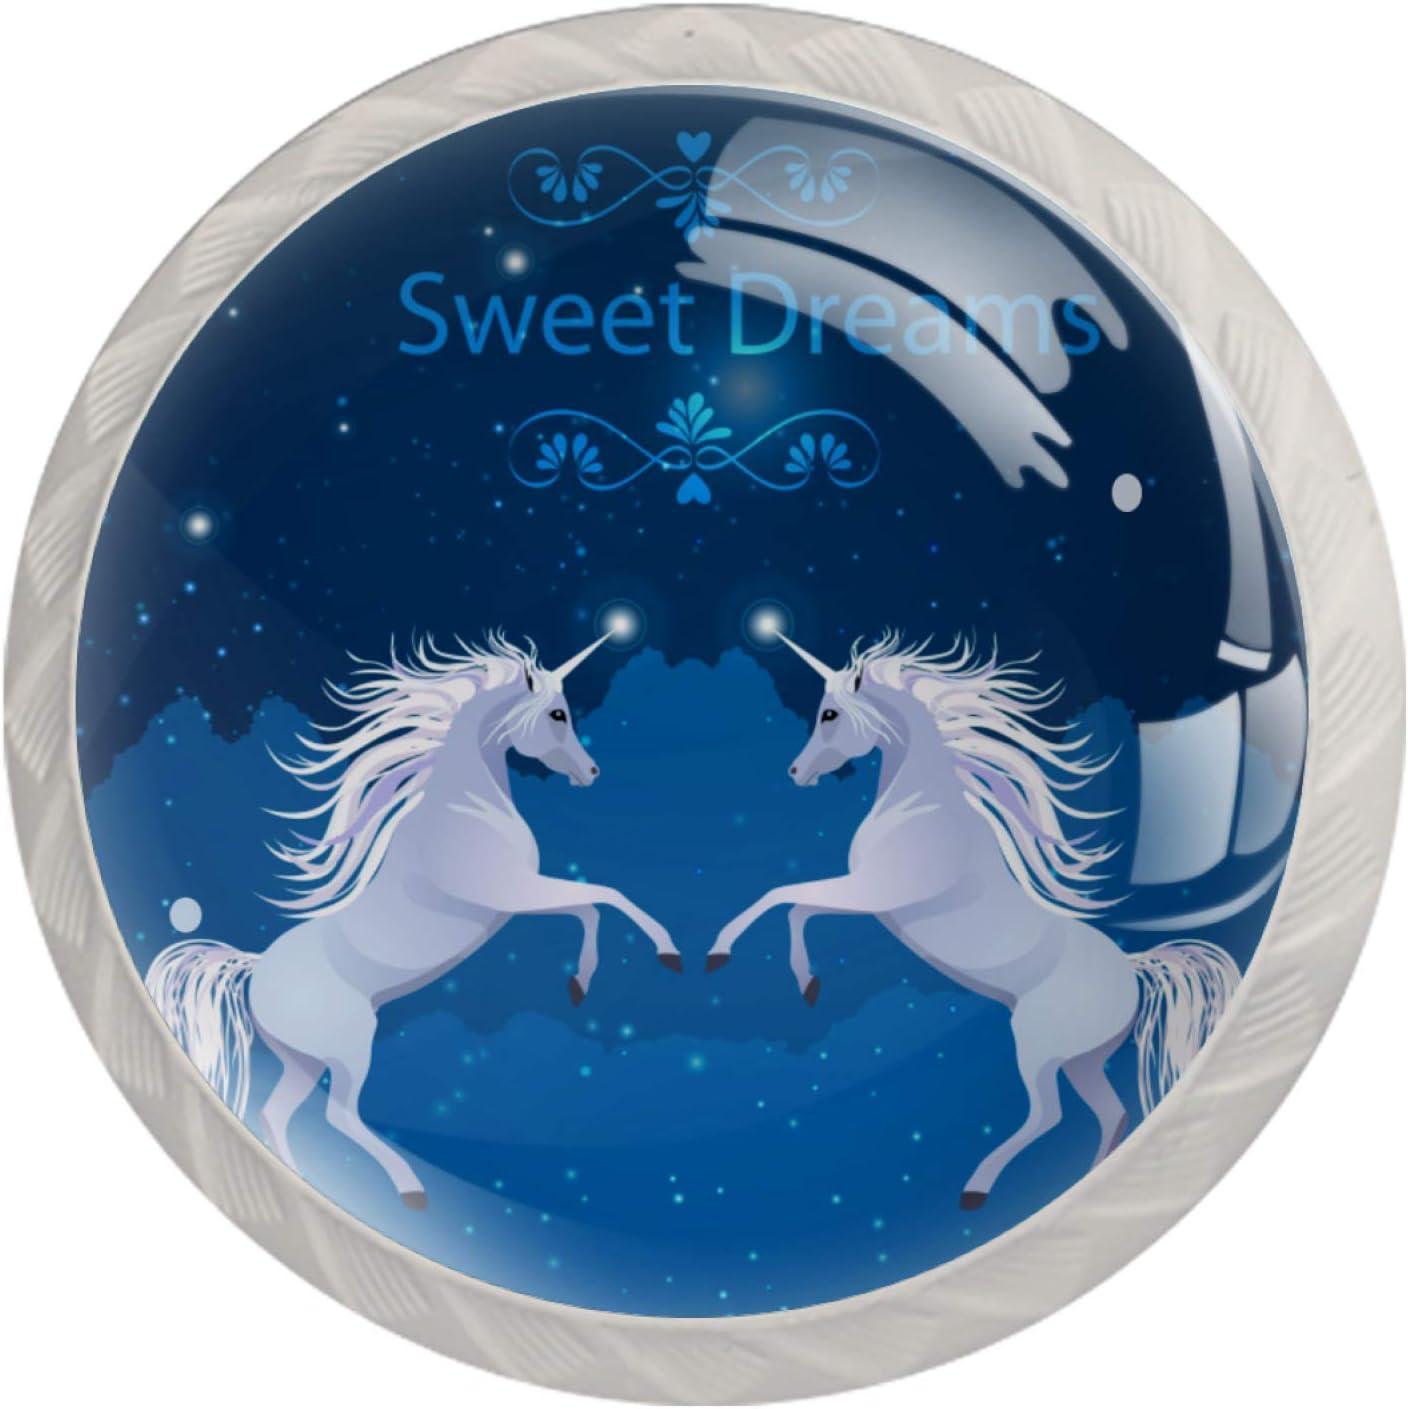 Pack de 4 pomos de cristal para cajones de gaveta, de forma redonda, para armario, cajón, armario, cajón, tiradores de muebles, pomos con tornillos, diseño de caballo de unicornio y galaxia